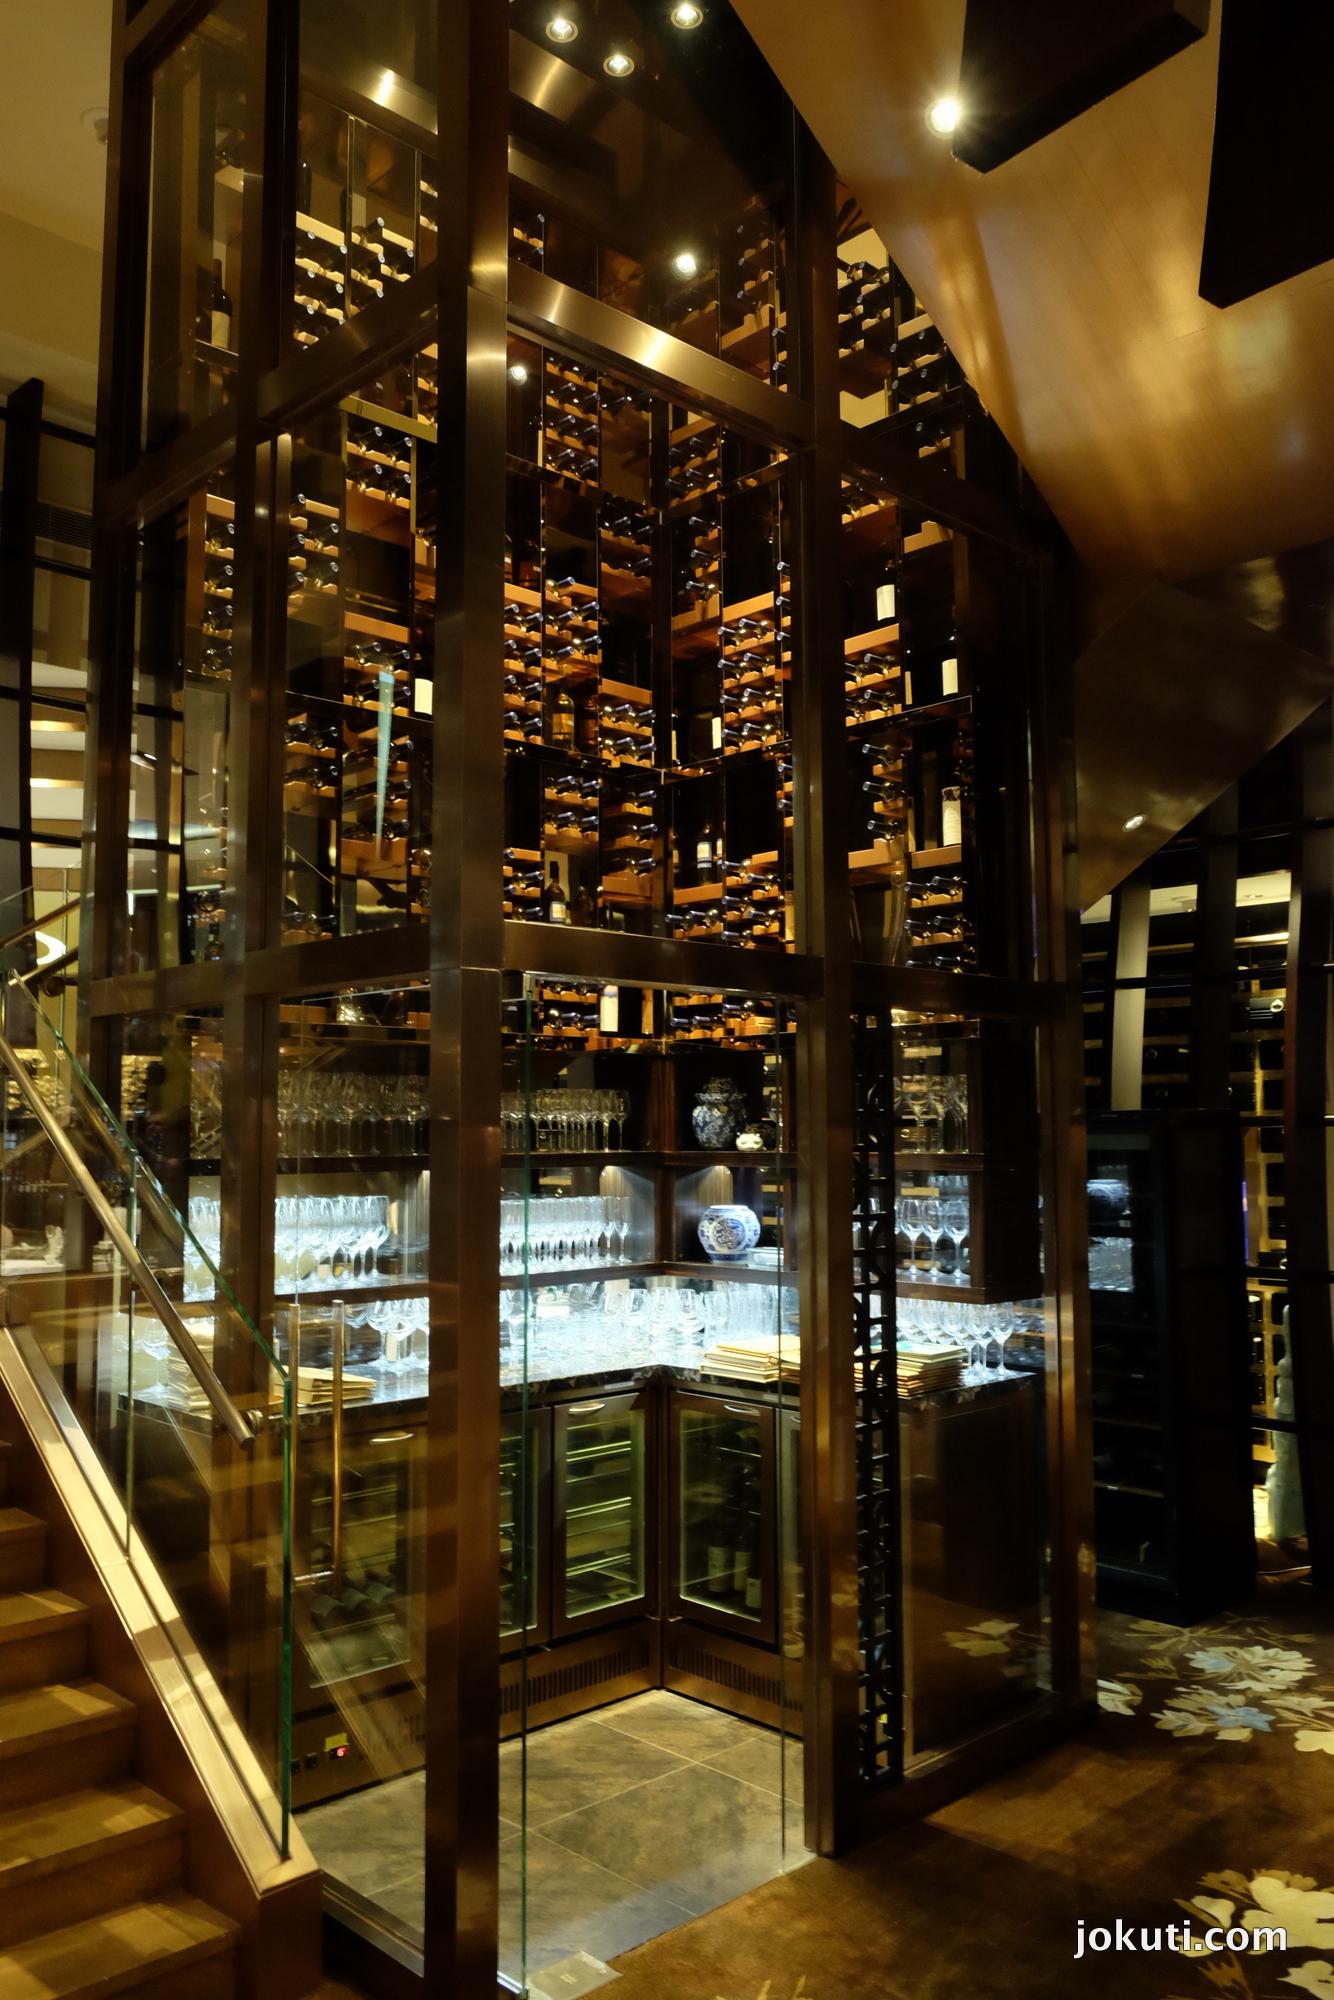 dscf6863_jade_dragon_restaurant_cantonese_chinese_michelin_macau_makao_china_kinai_vilagevo_jokuti.jpg